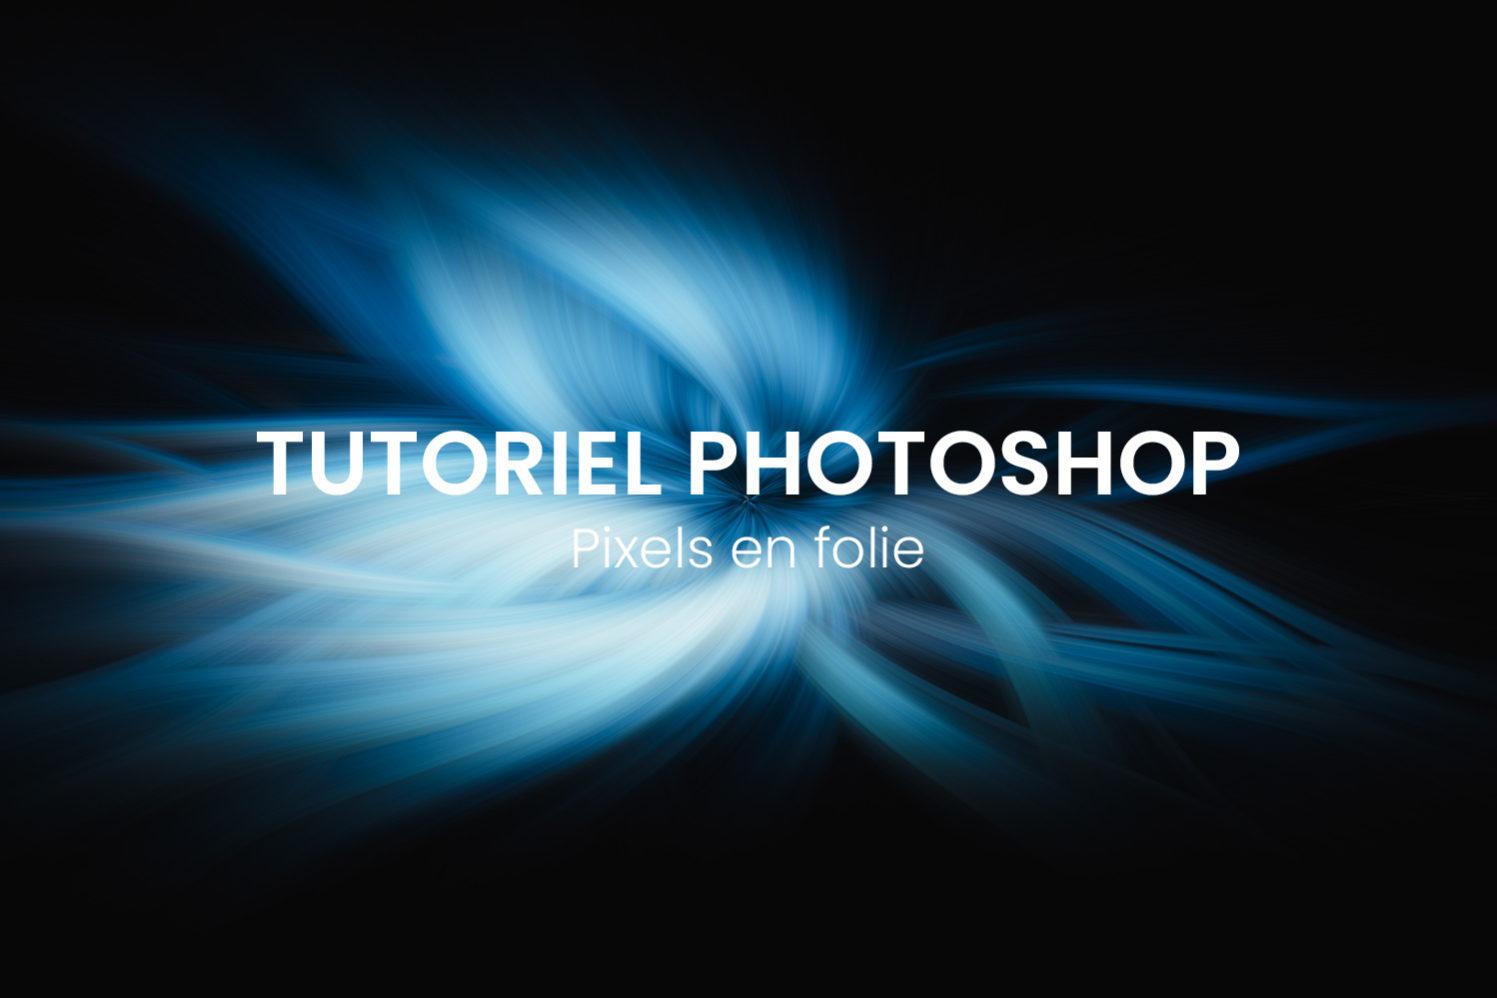 Tutoriel Photoshop Pixels en Folie